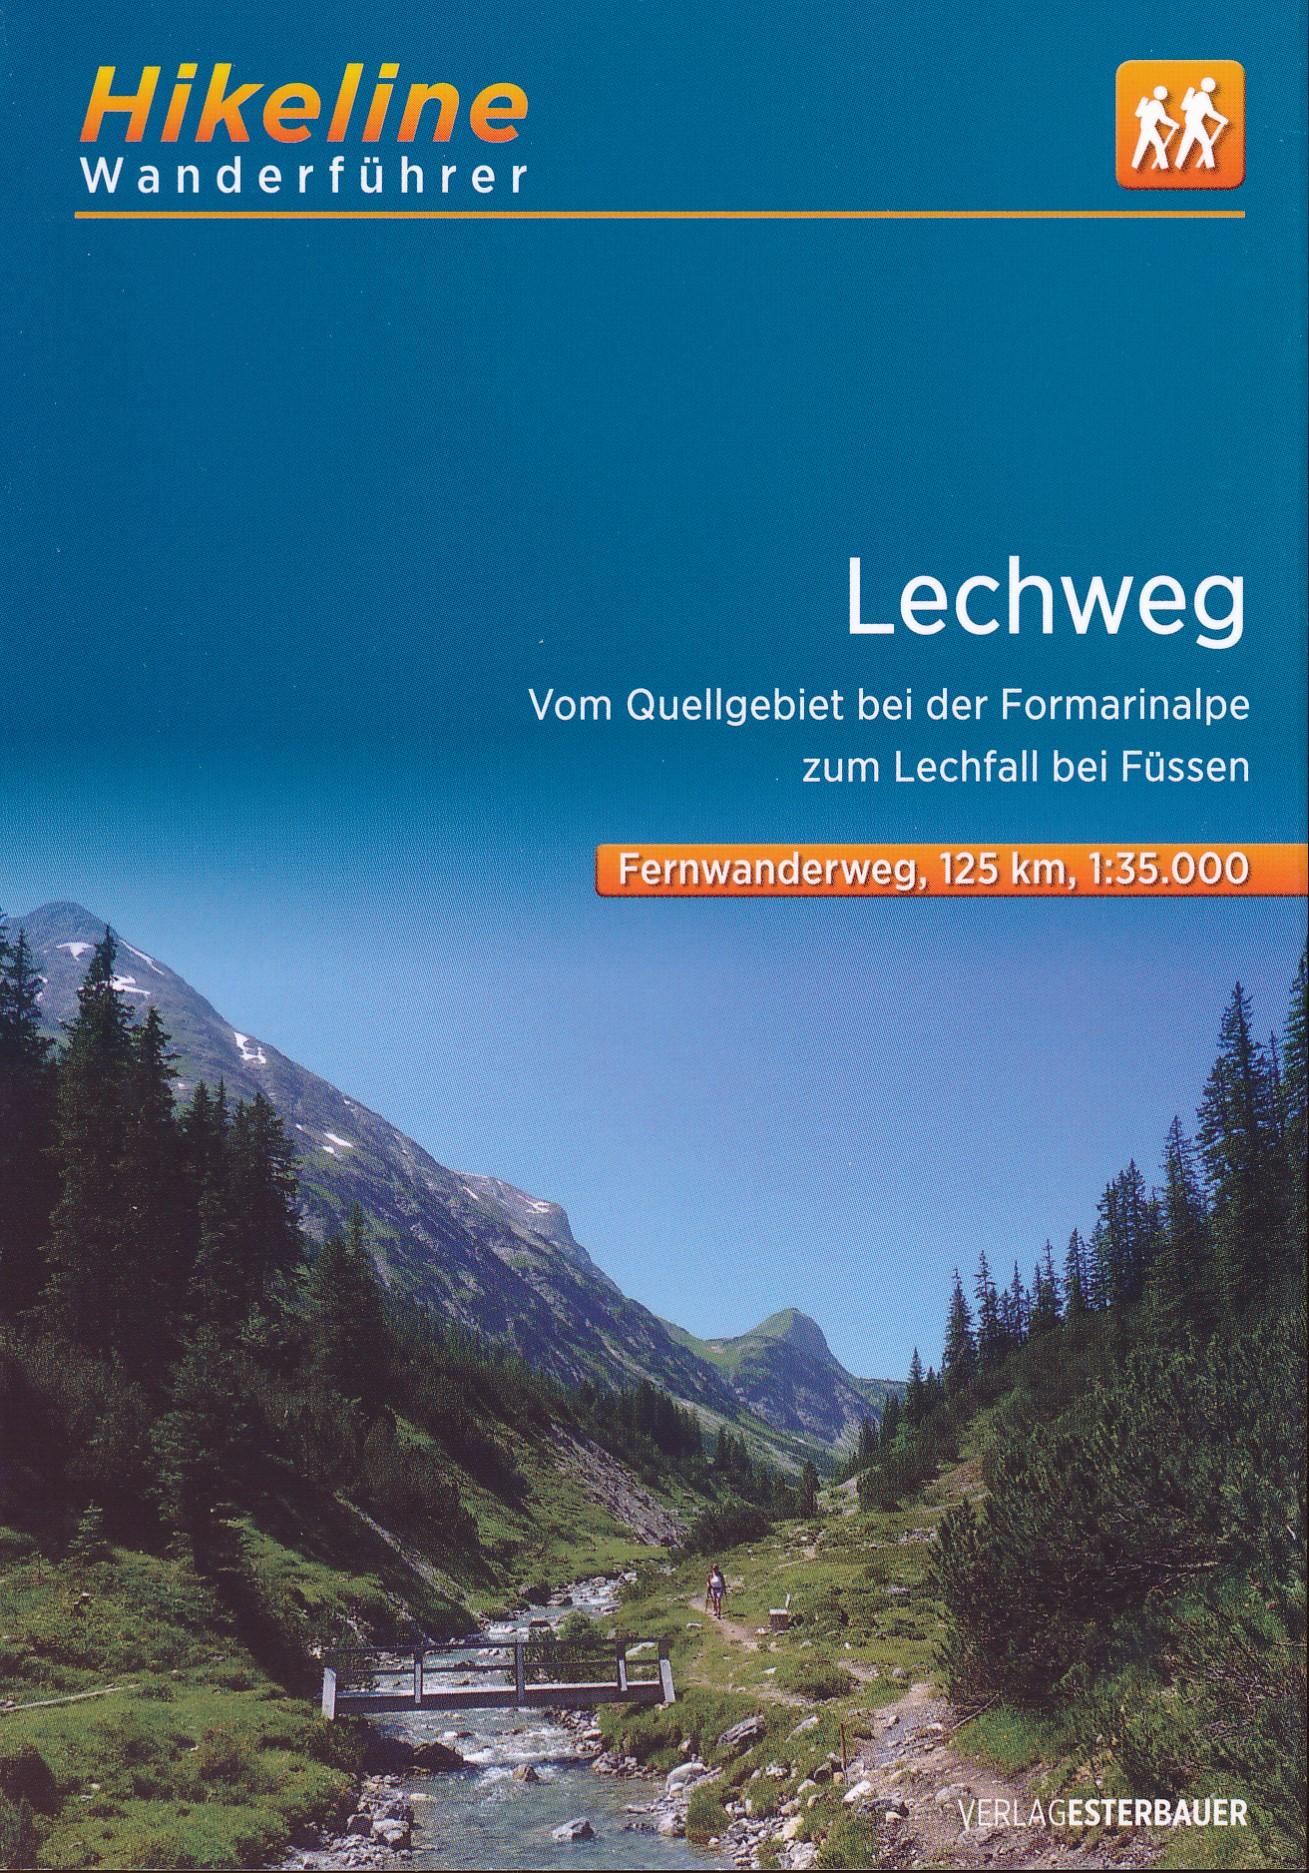 Lechweg Karte.Lechweg